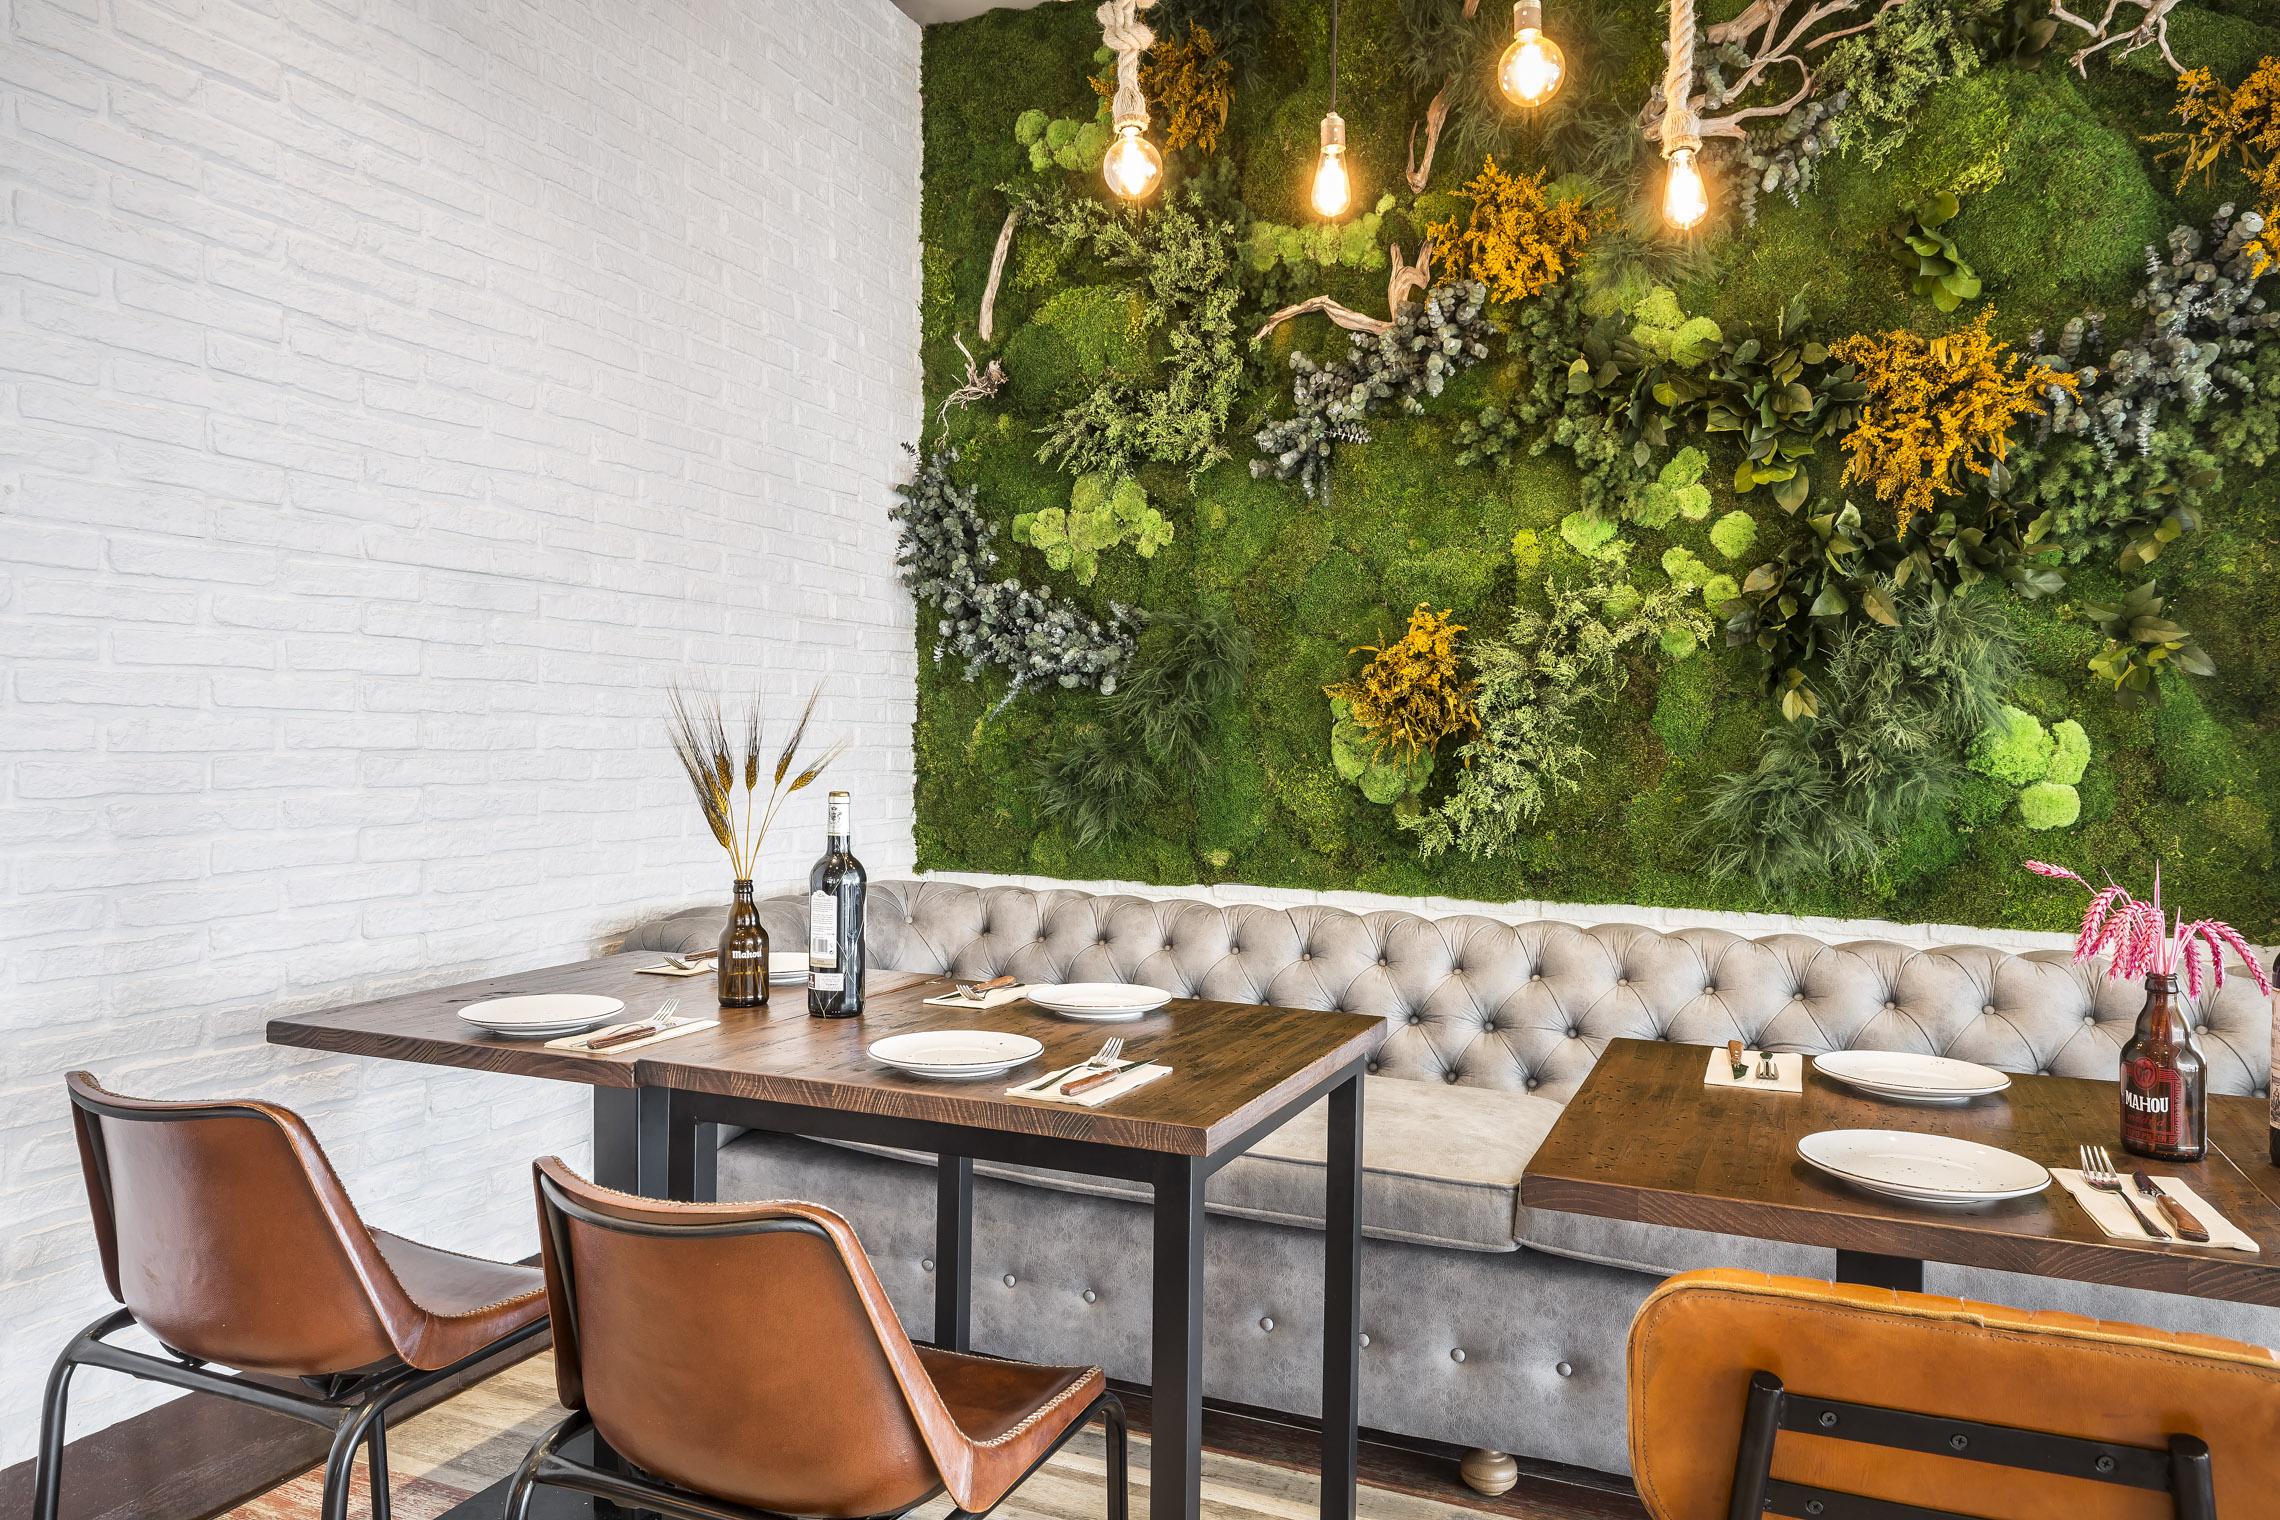 Jardín vertical para interior diseño restaurante